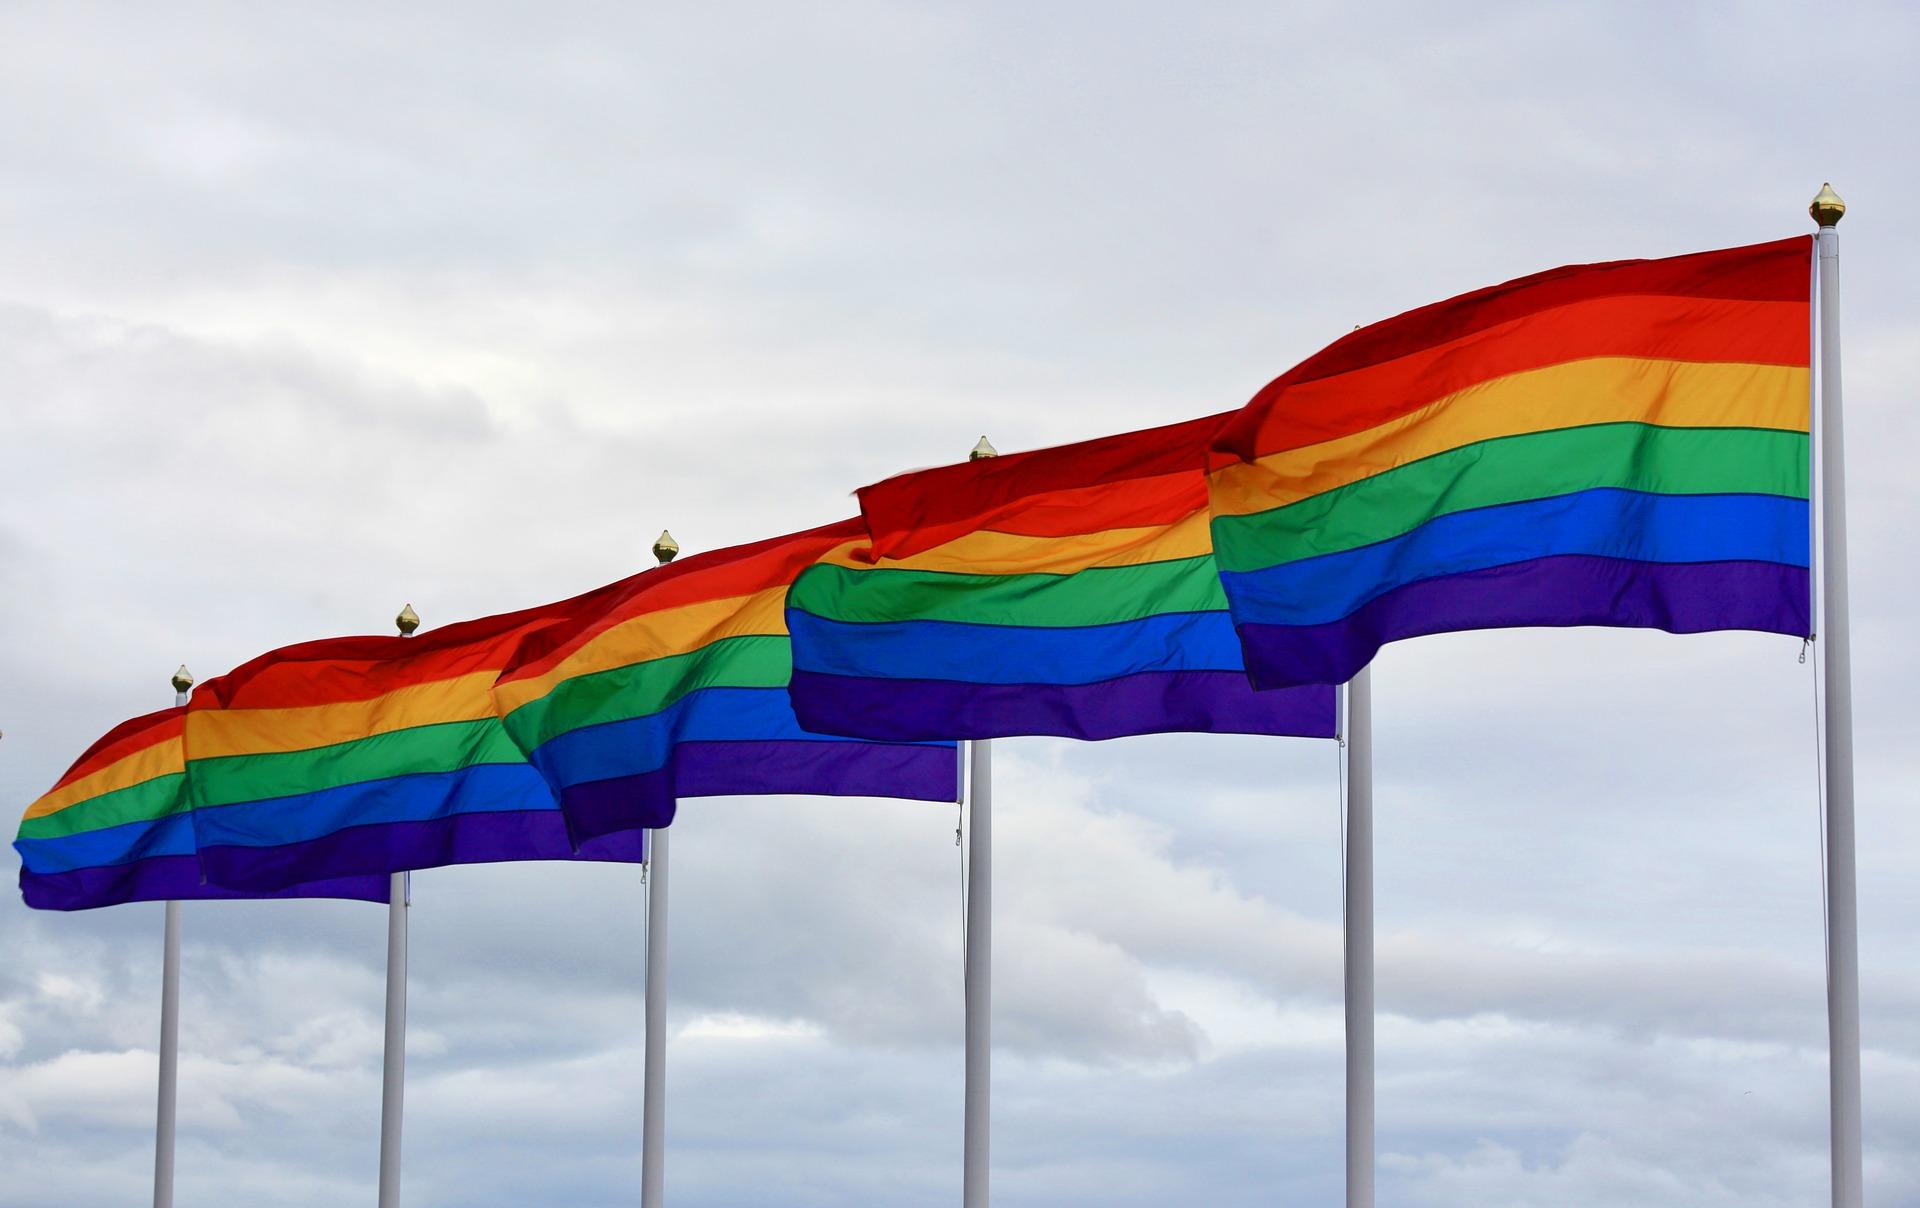 Medienrat: Das gilt als Förderung von Homosexualität